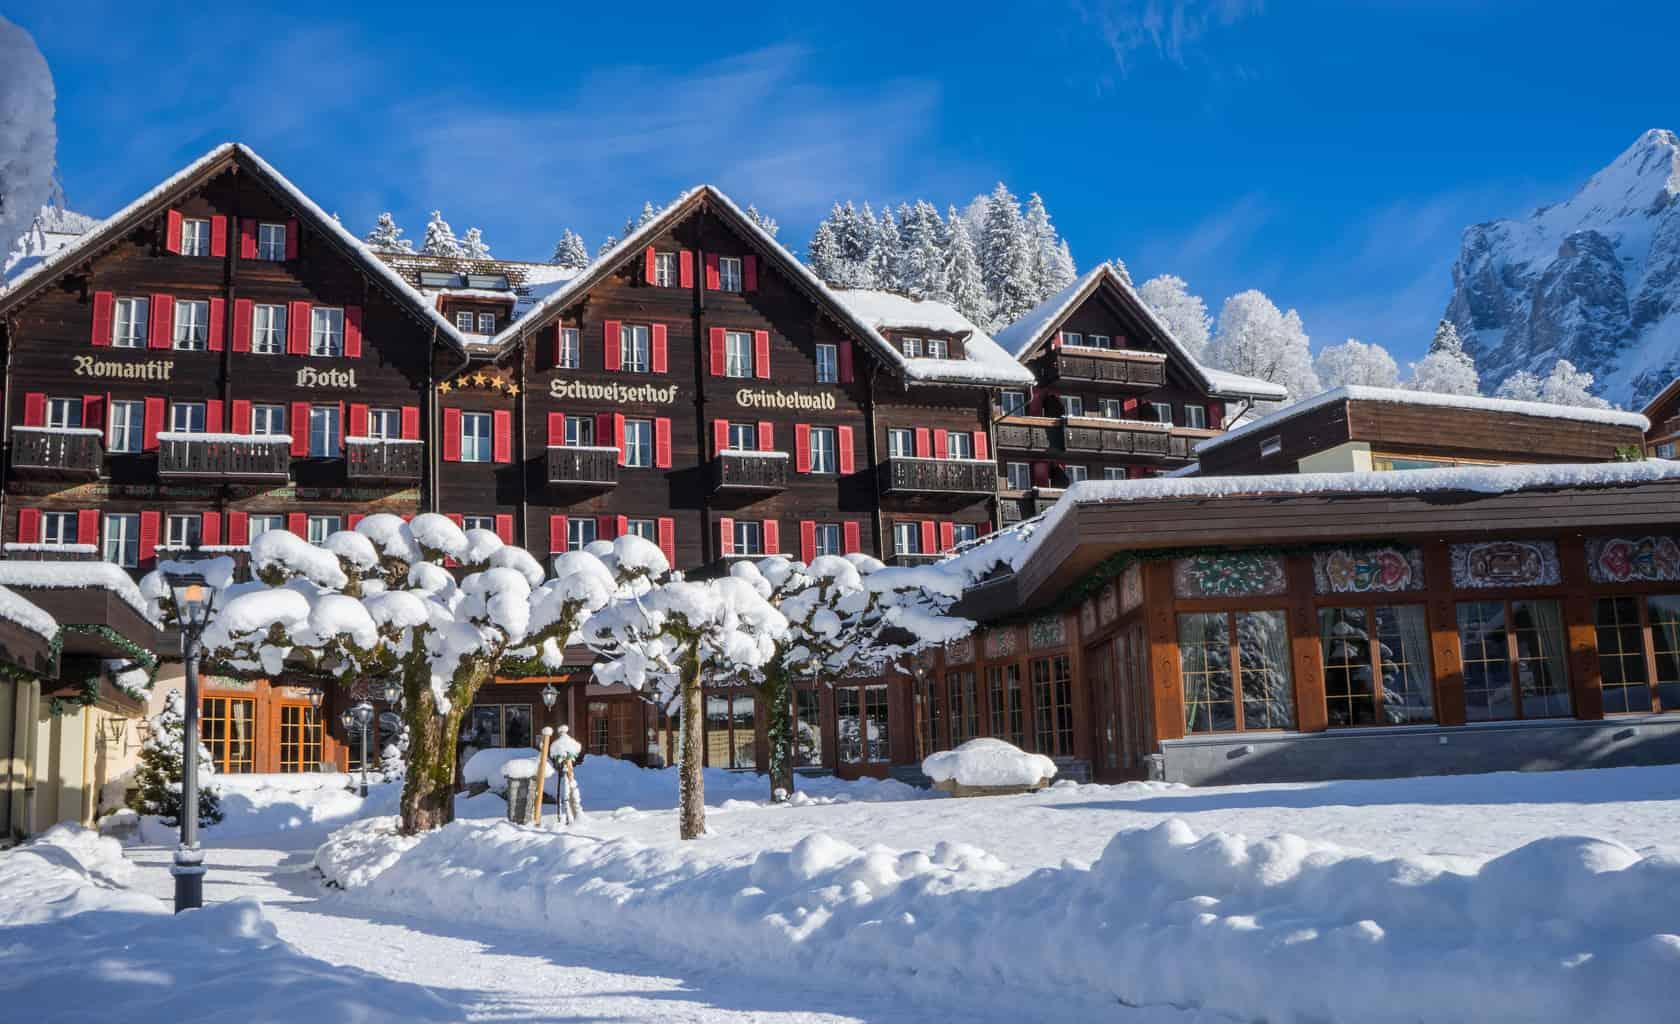 The Romantik Schweizerhof Grindelwald in the snow